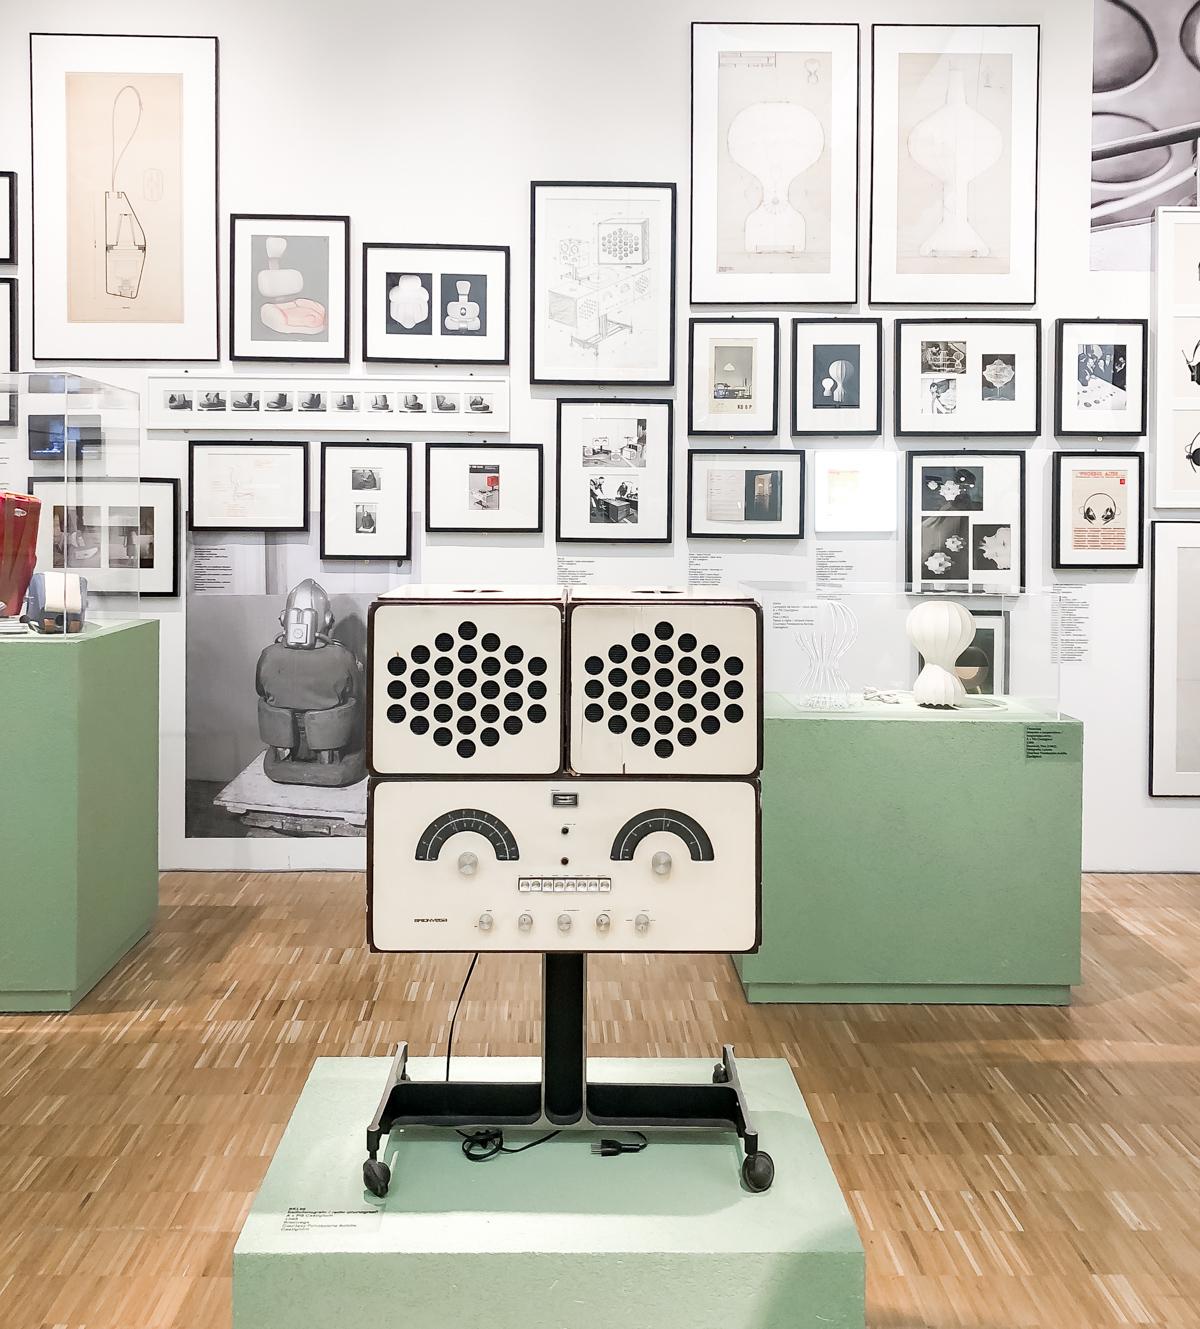 Mostra Design Milano 2018 triennale di milano celebrates the 100th anniversary of